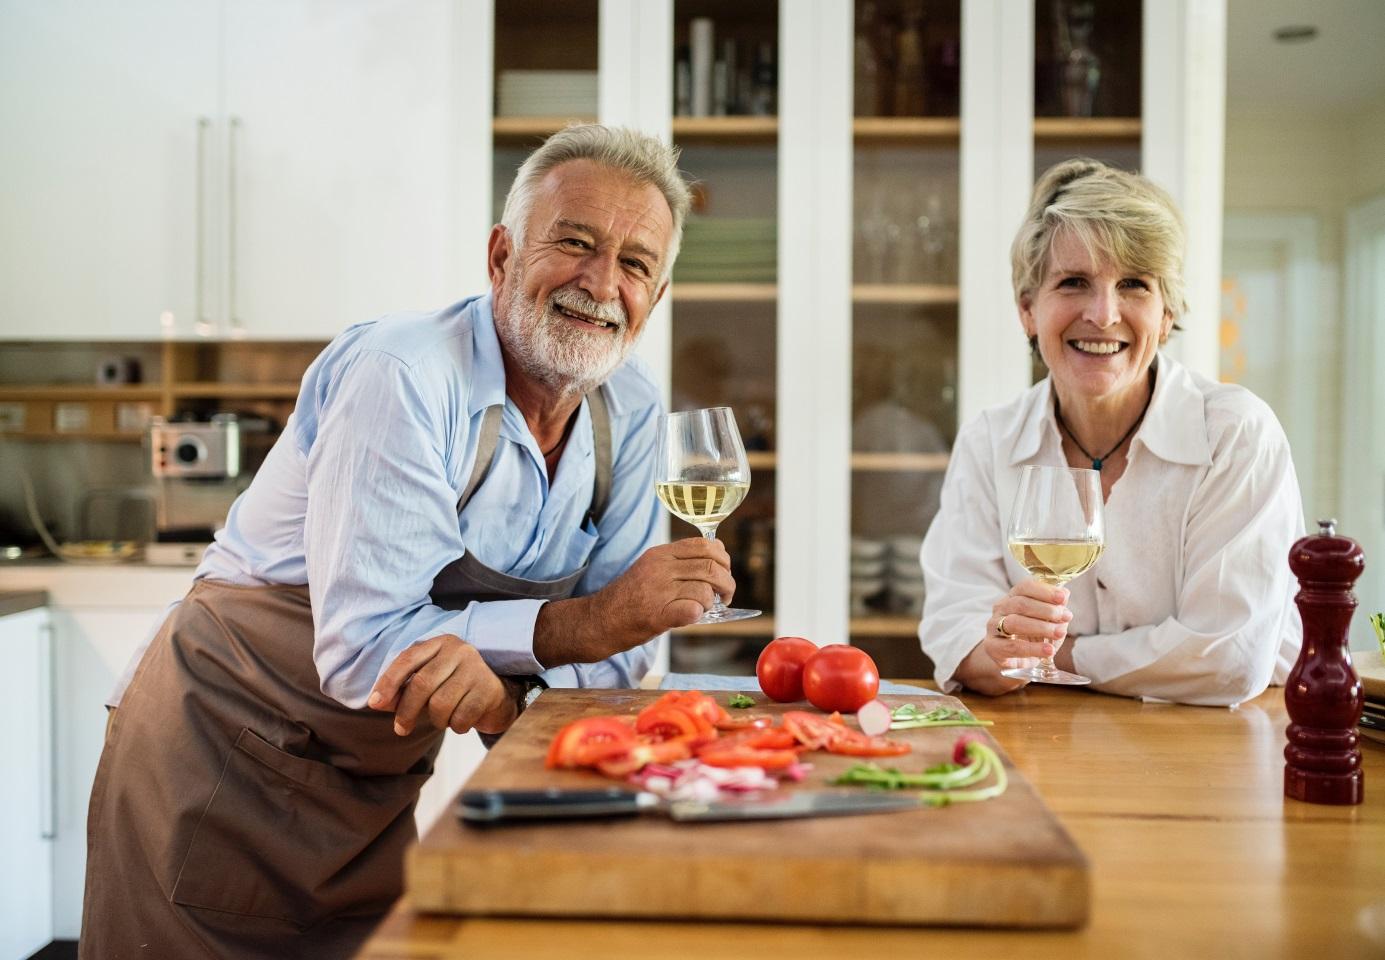 Chwilówki dla emerytów – dlaczego są potrzebne